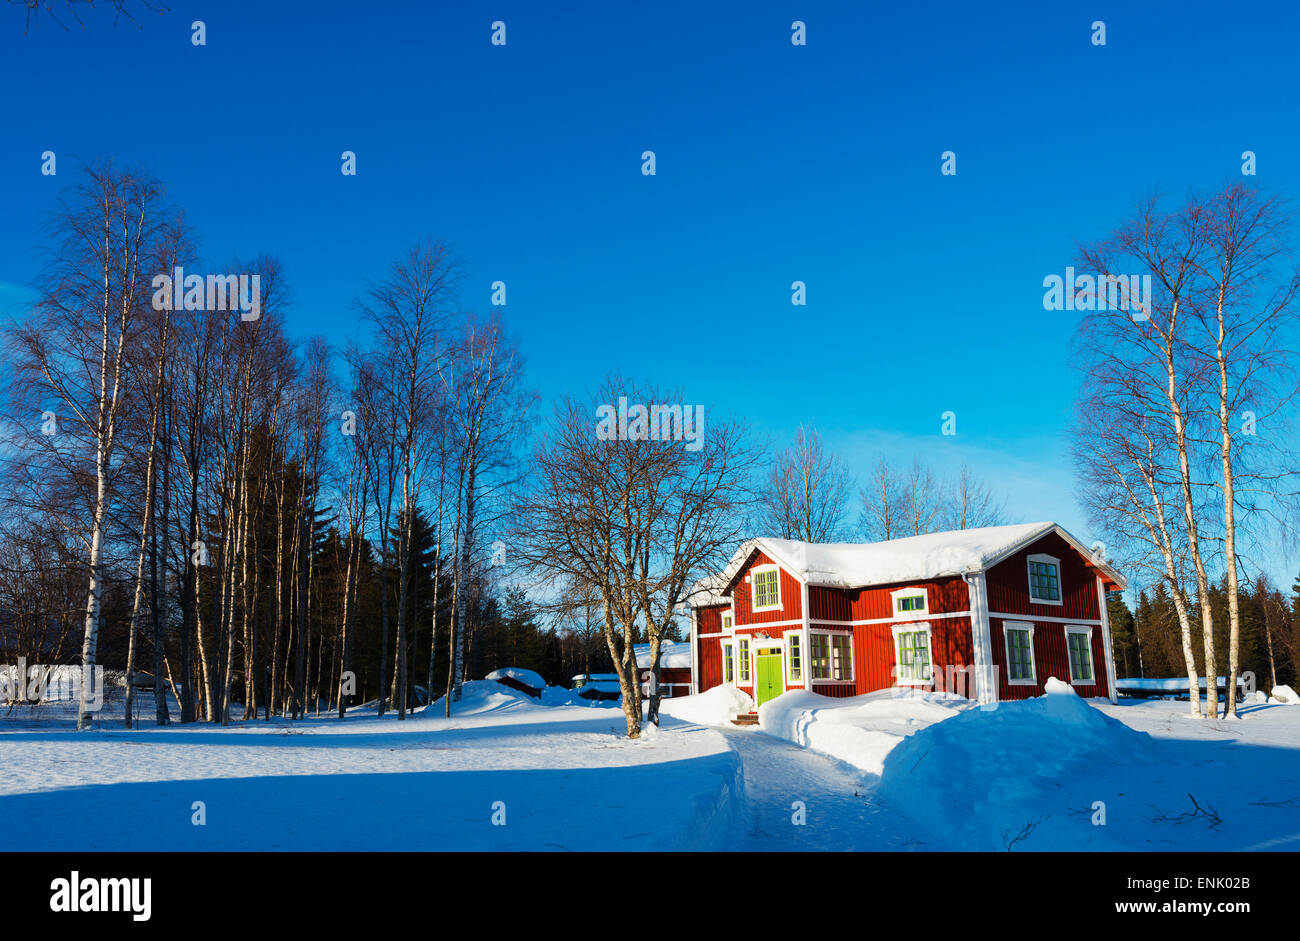 Gamelstad, Freilichtmuseum, UNESCO-Weltkulturerbe, Lulea, Lappland, Arctic Circle, Schweden, Skandinavien, Europa Stockbild